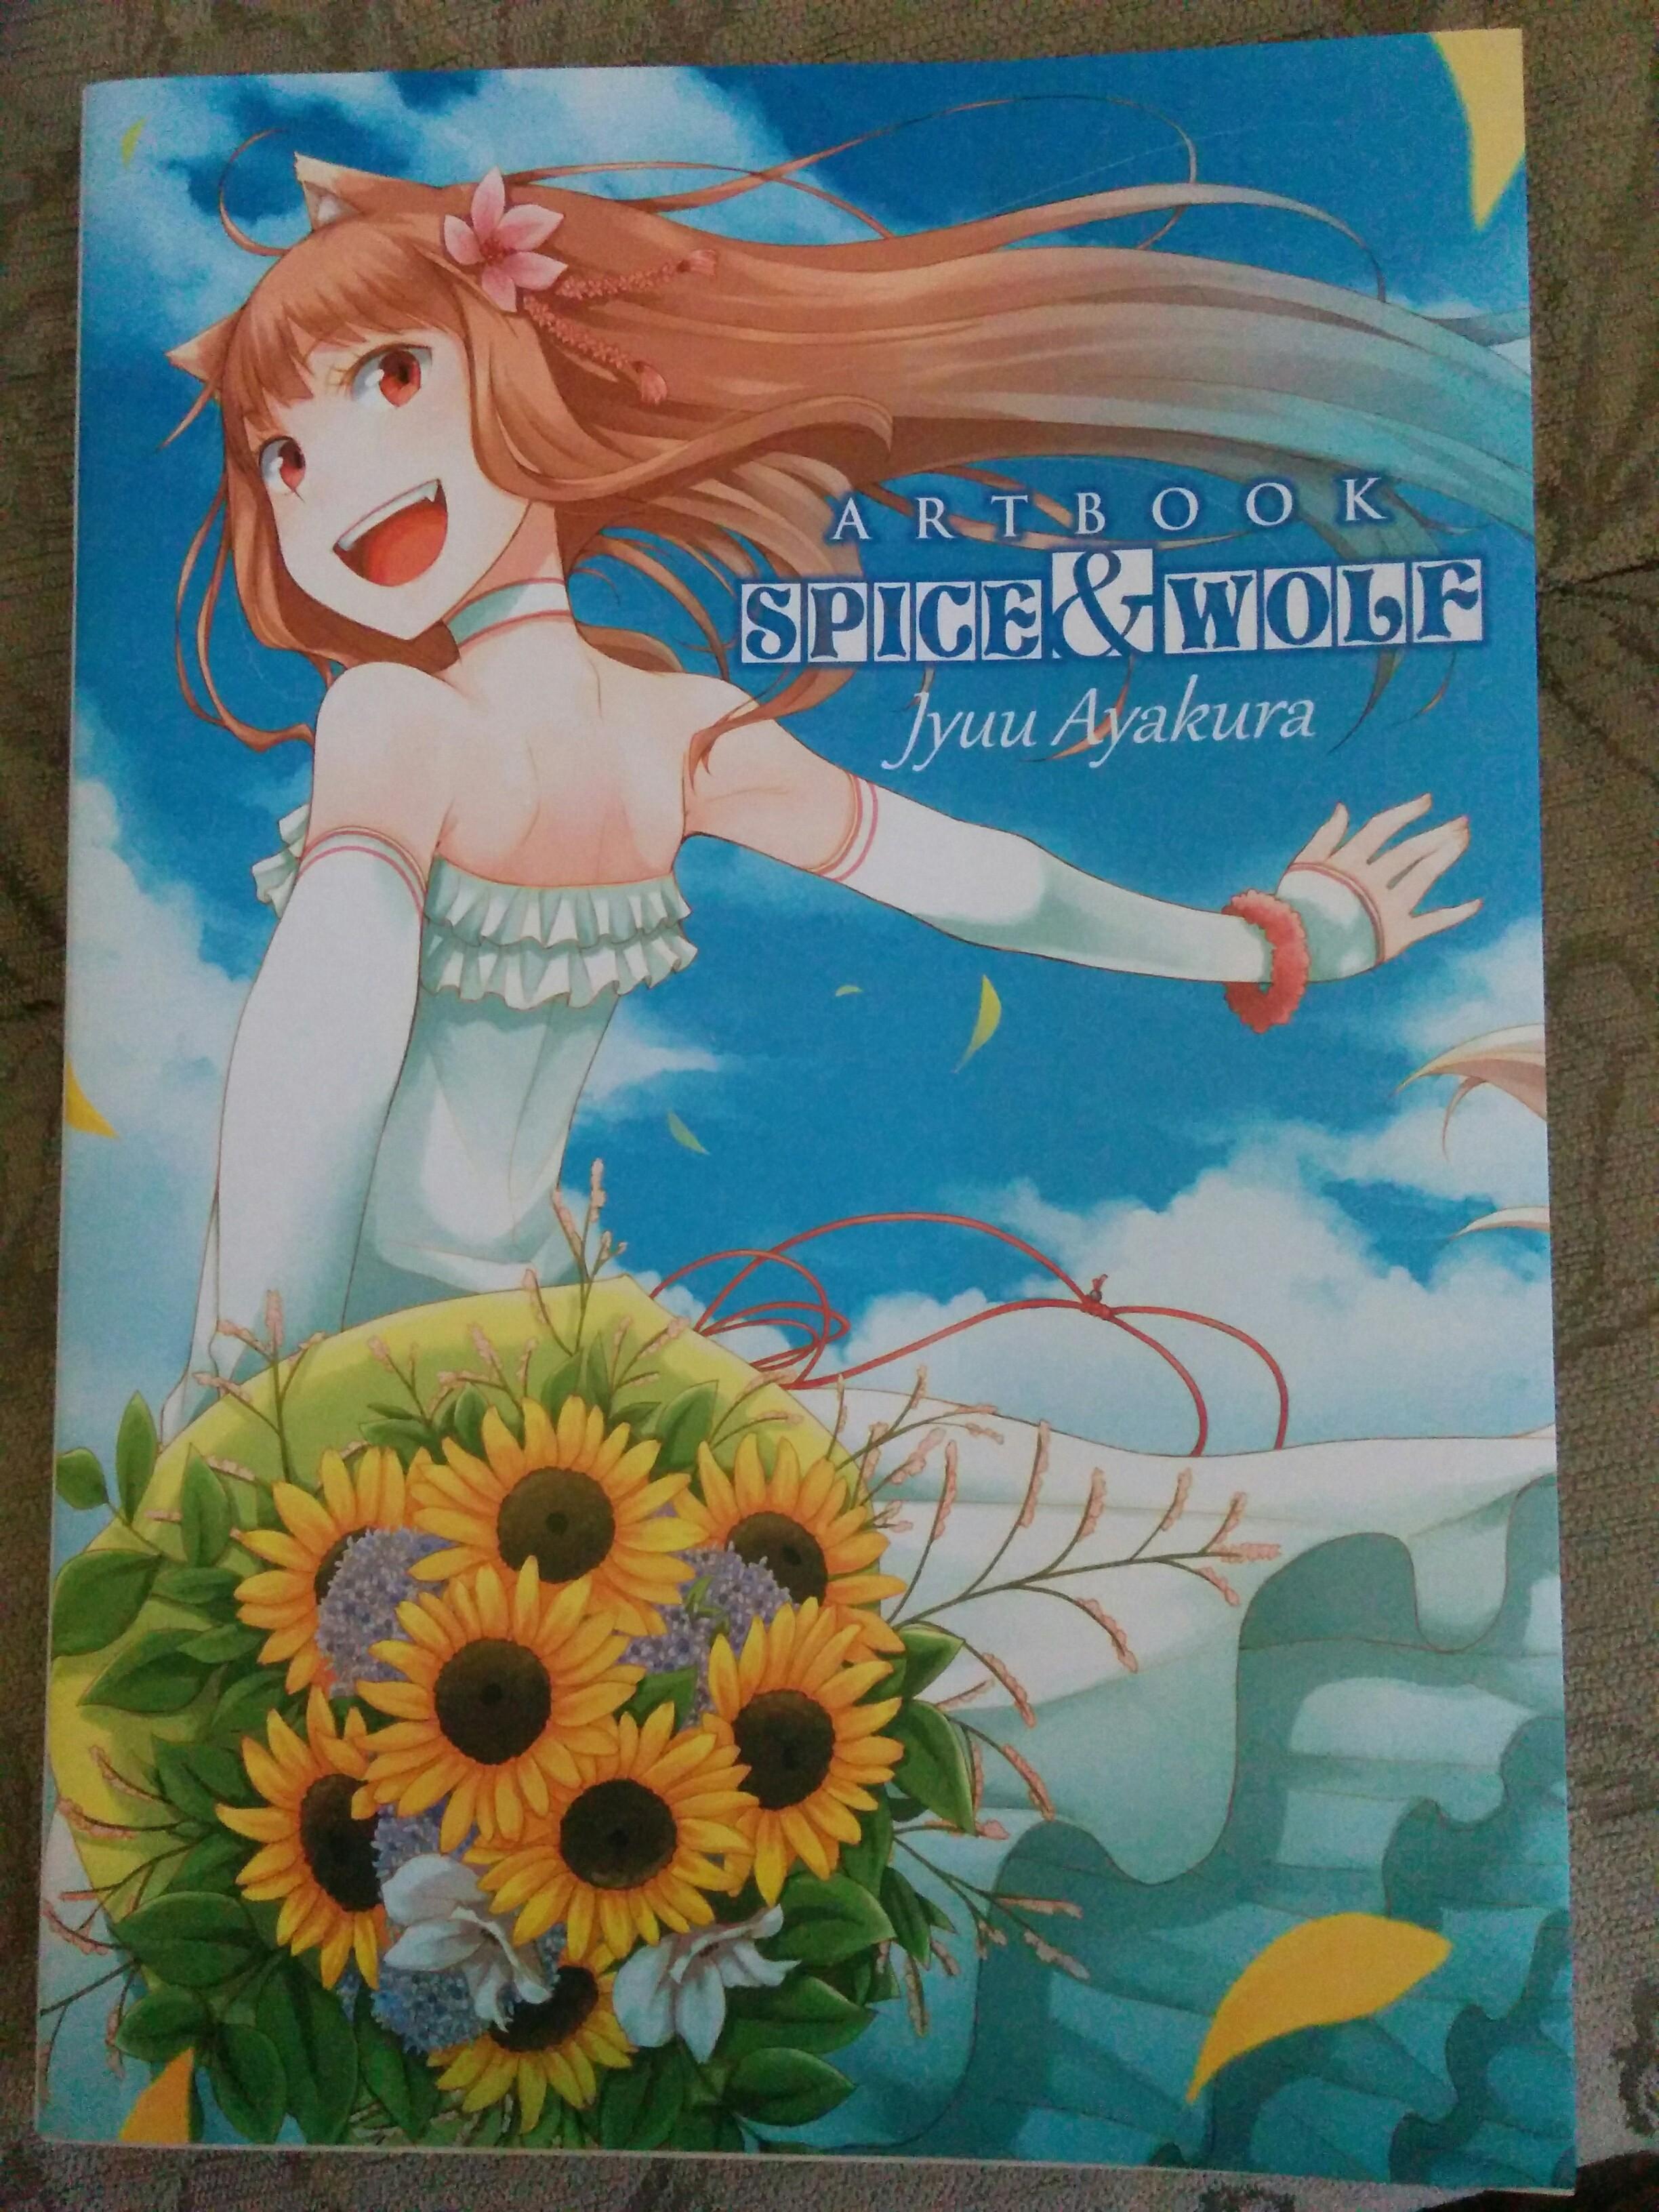 artbook ookami_to_koushinryou ascii_media_works ookami_to_koushinryou_ii ayakura_juu hasekura_isuna